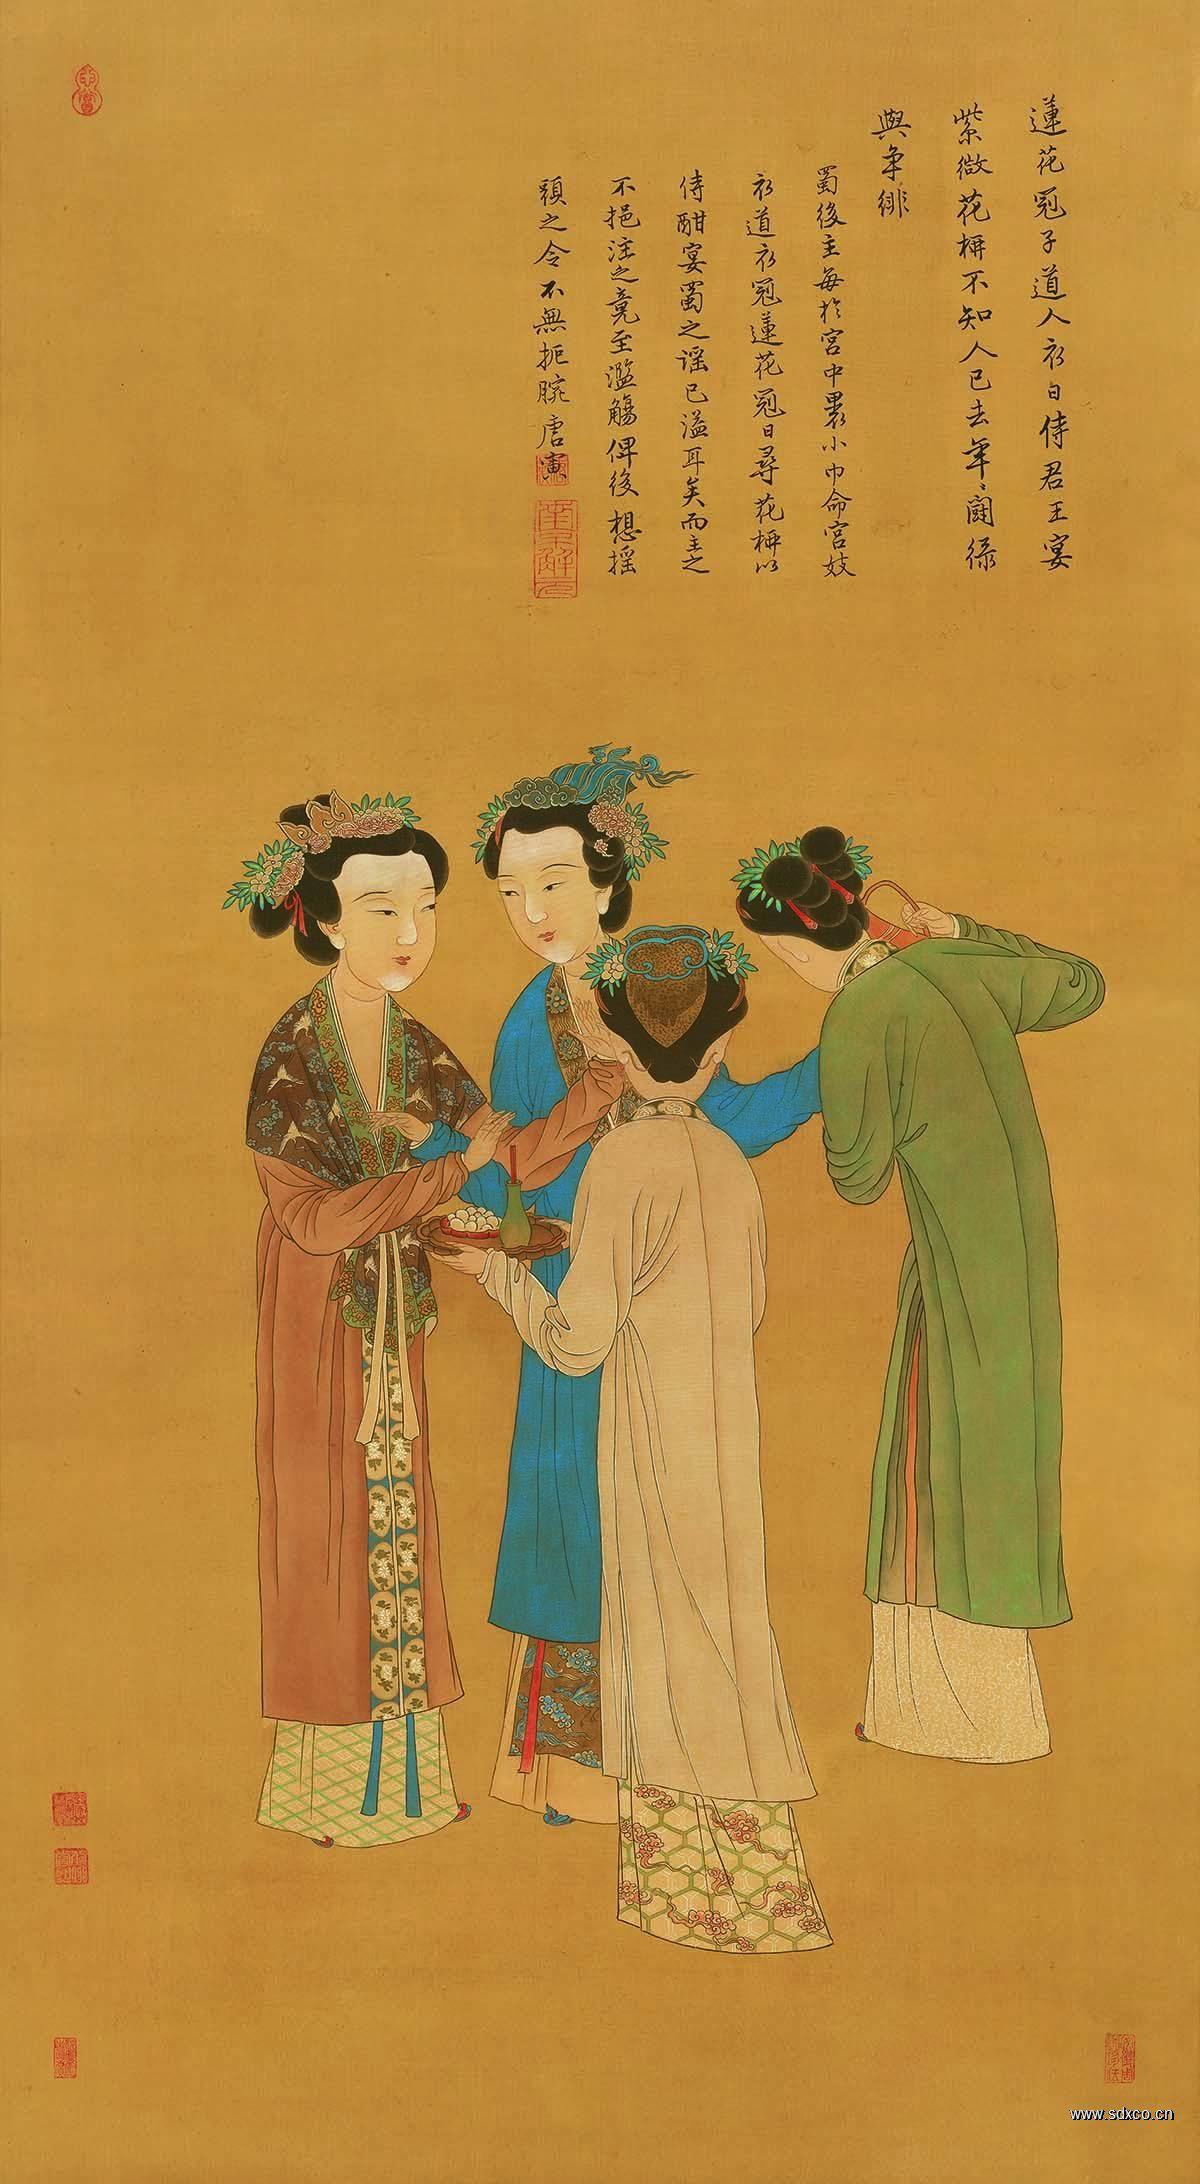 (玄)明 唐寅 王蜀宫妓图绢本124.7x63.6